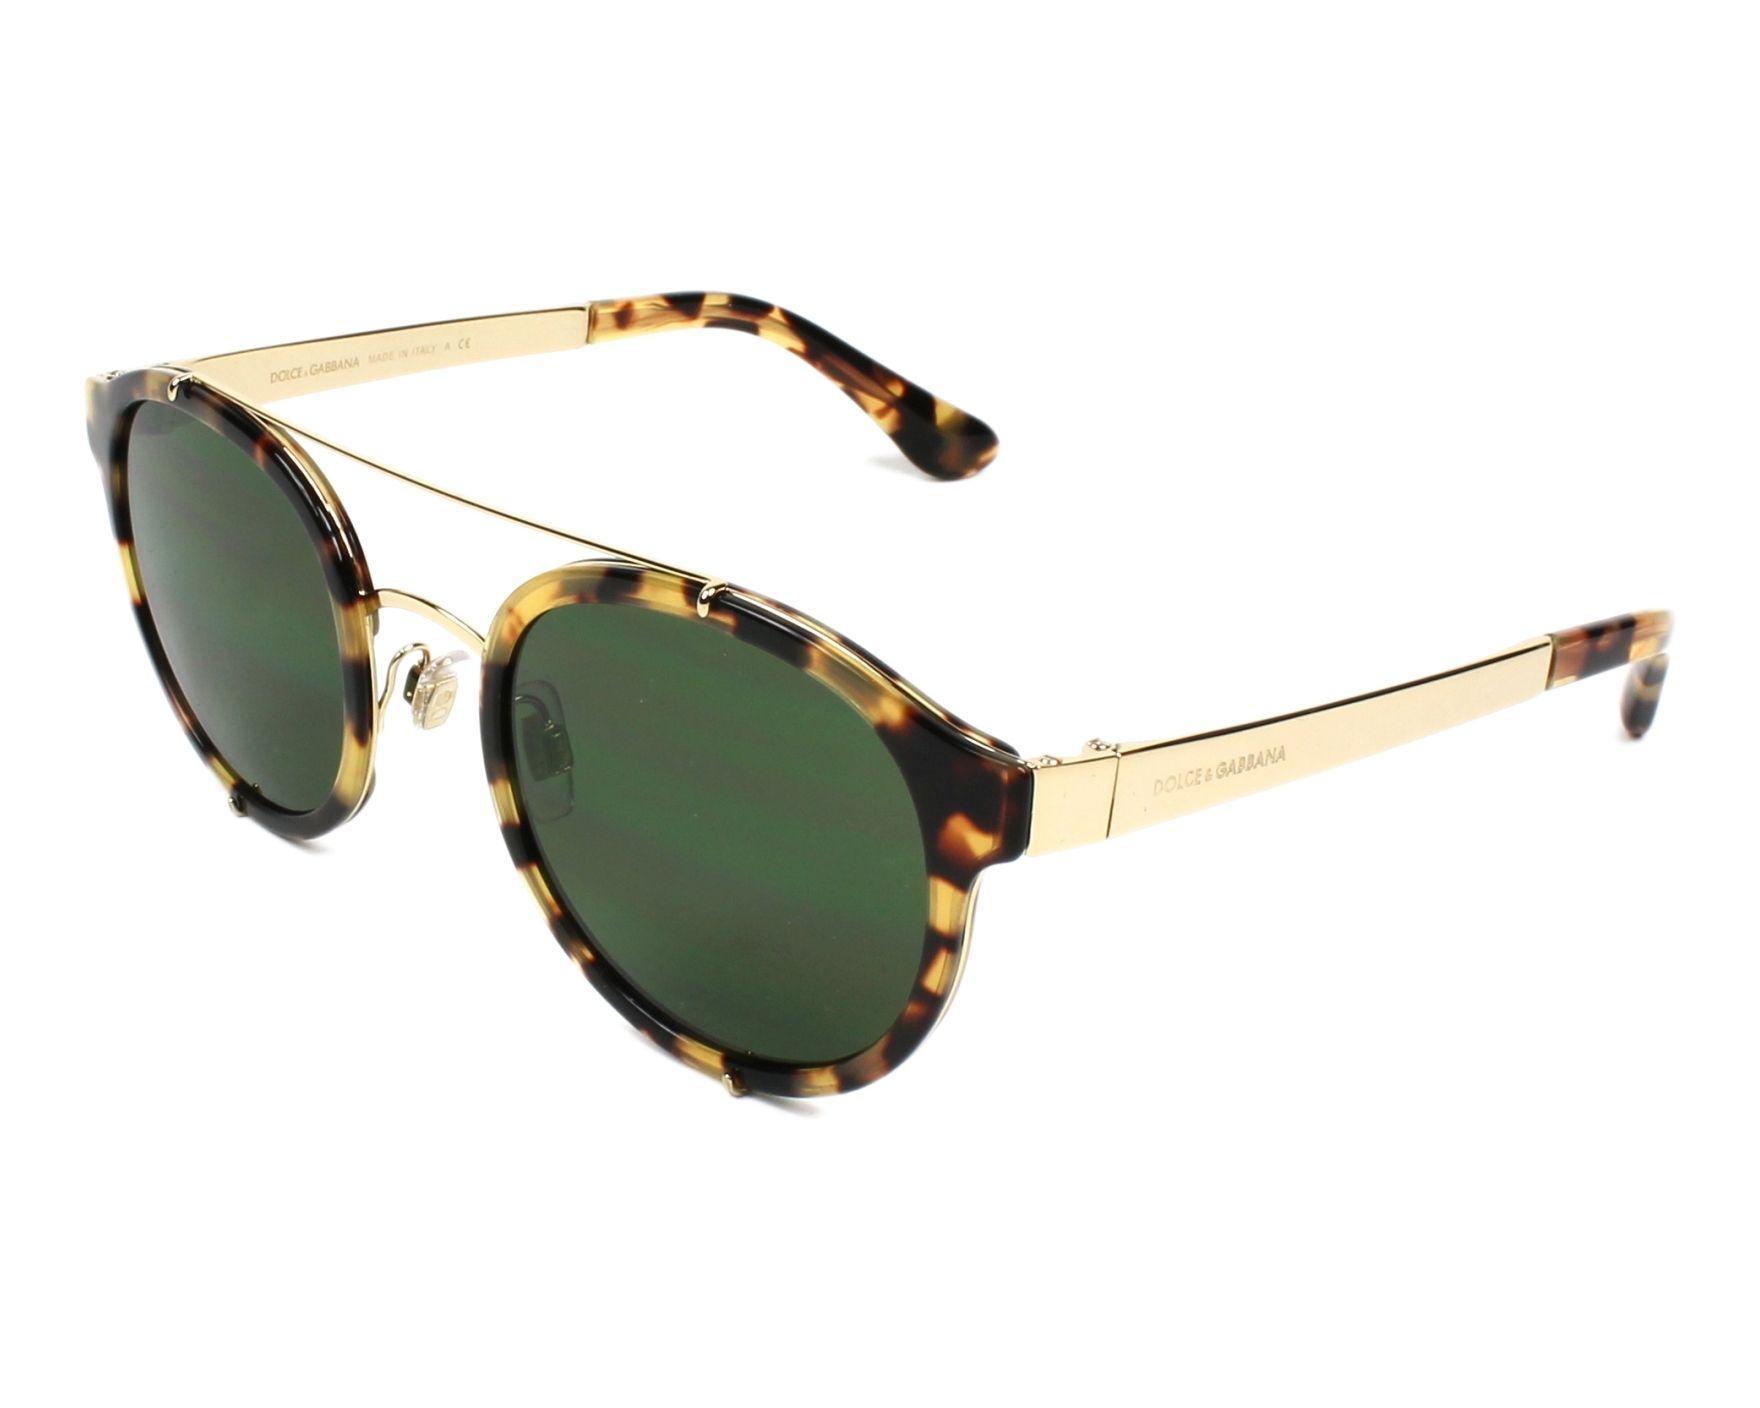 Dolce & Gabbana Sunglasses Havana Honey with Green Lenses DG-2184 ...